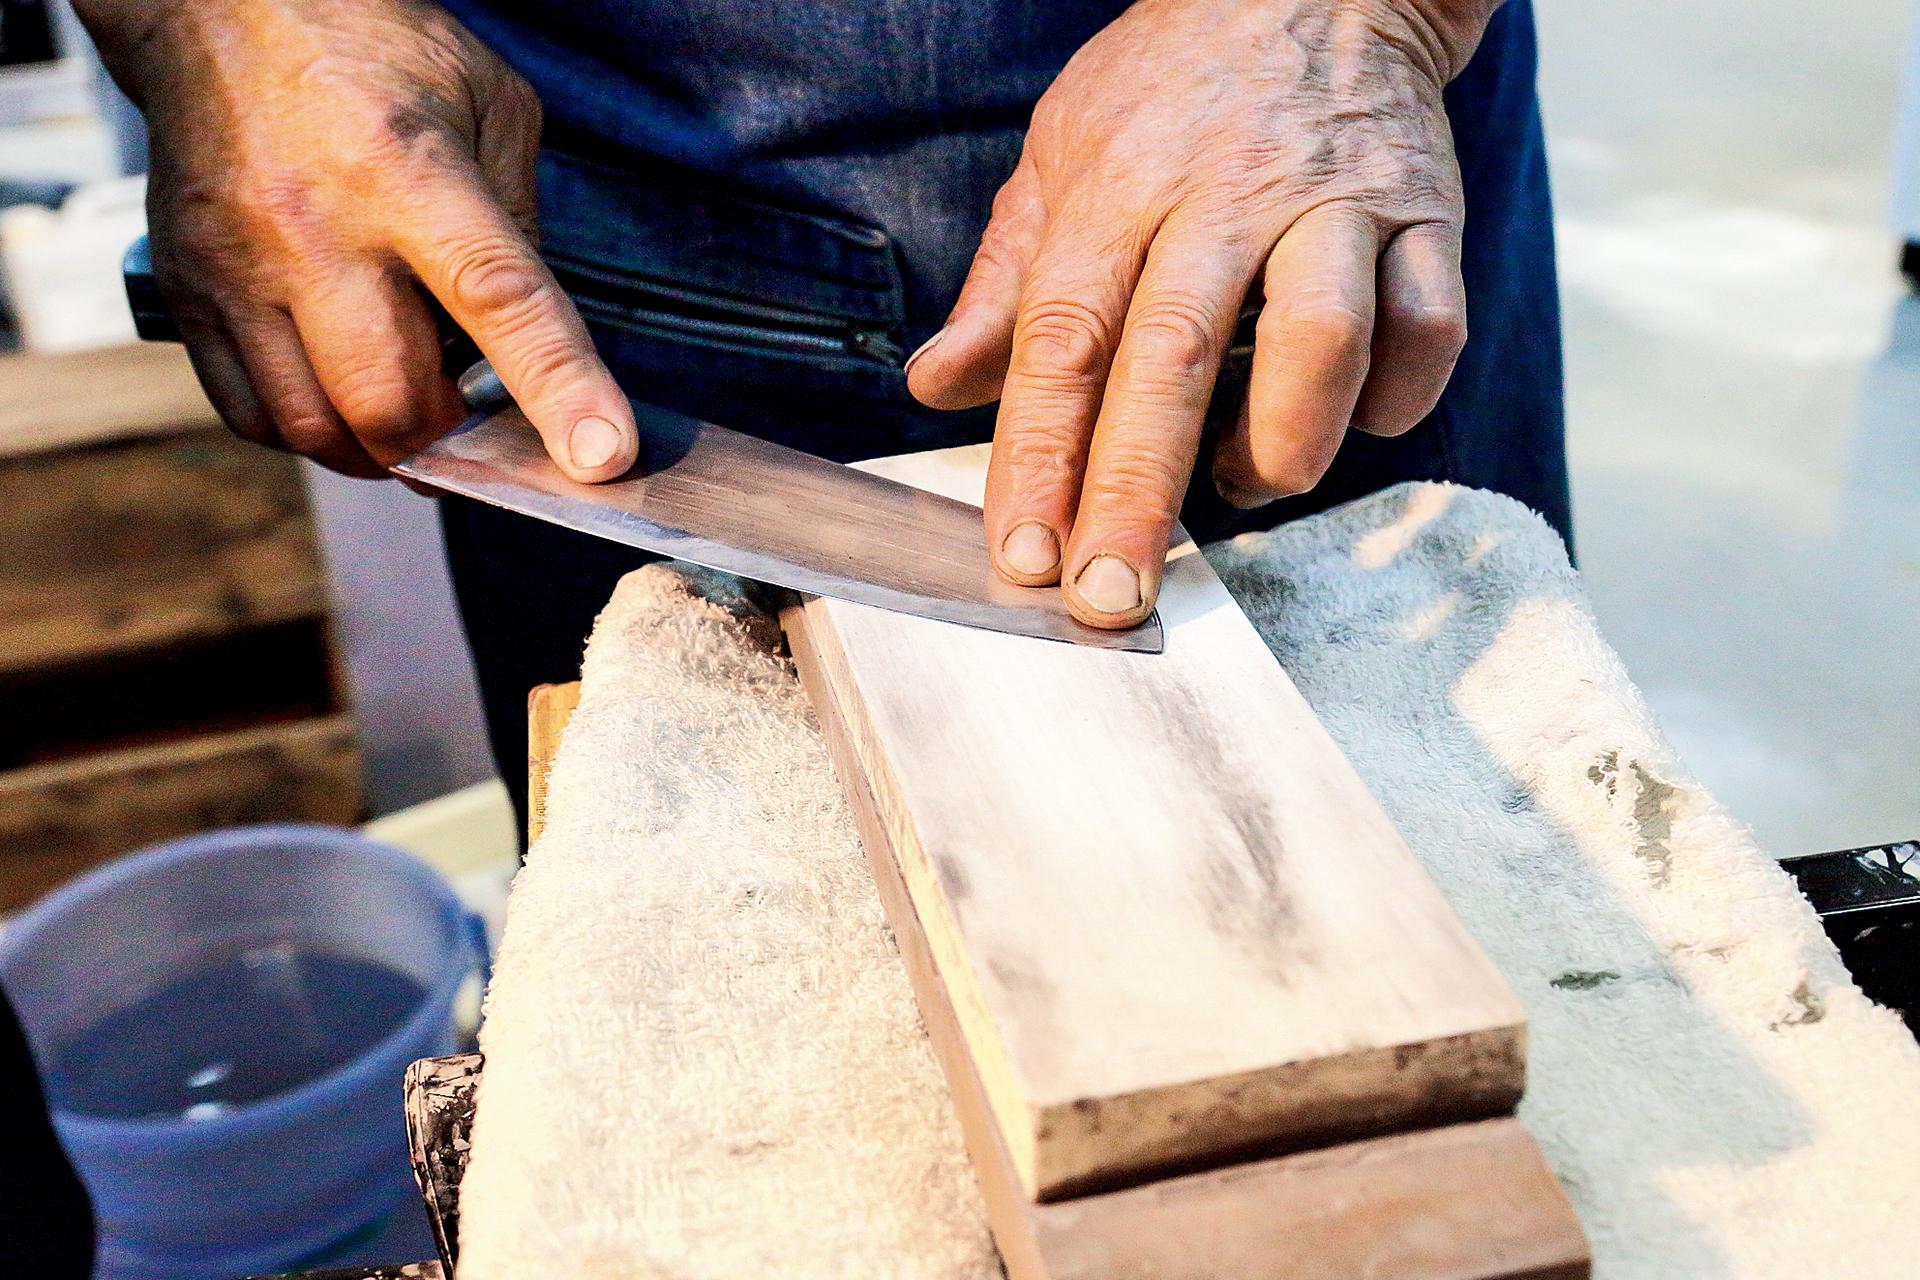 Knife Sharpening / Spoon Polishing / Name Engraving Demonstration